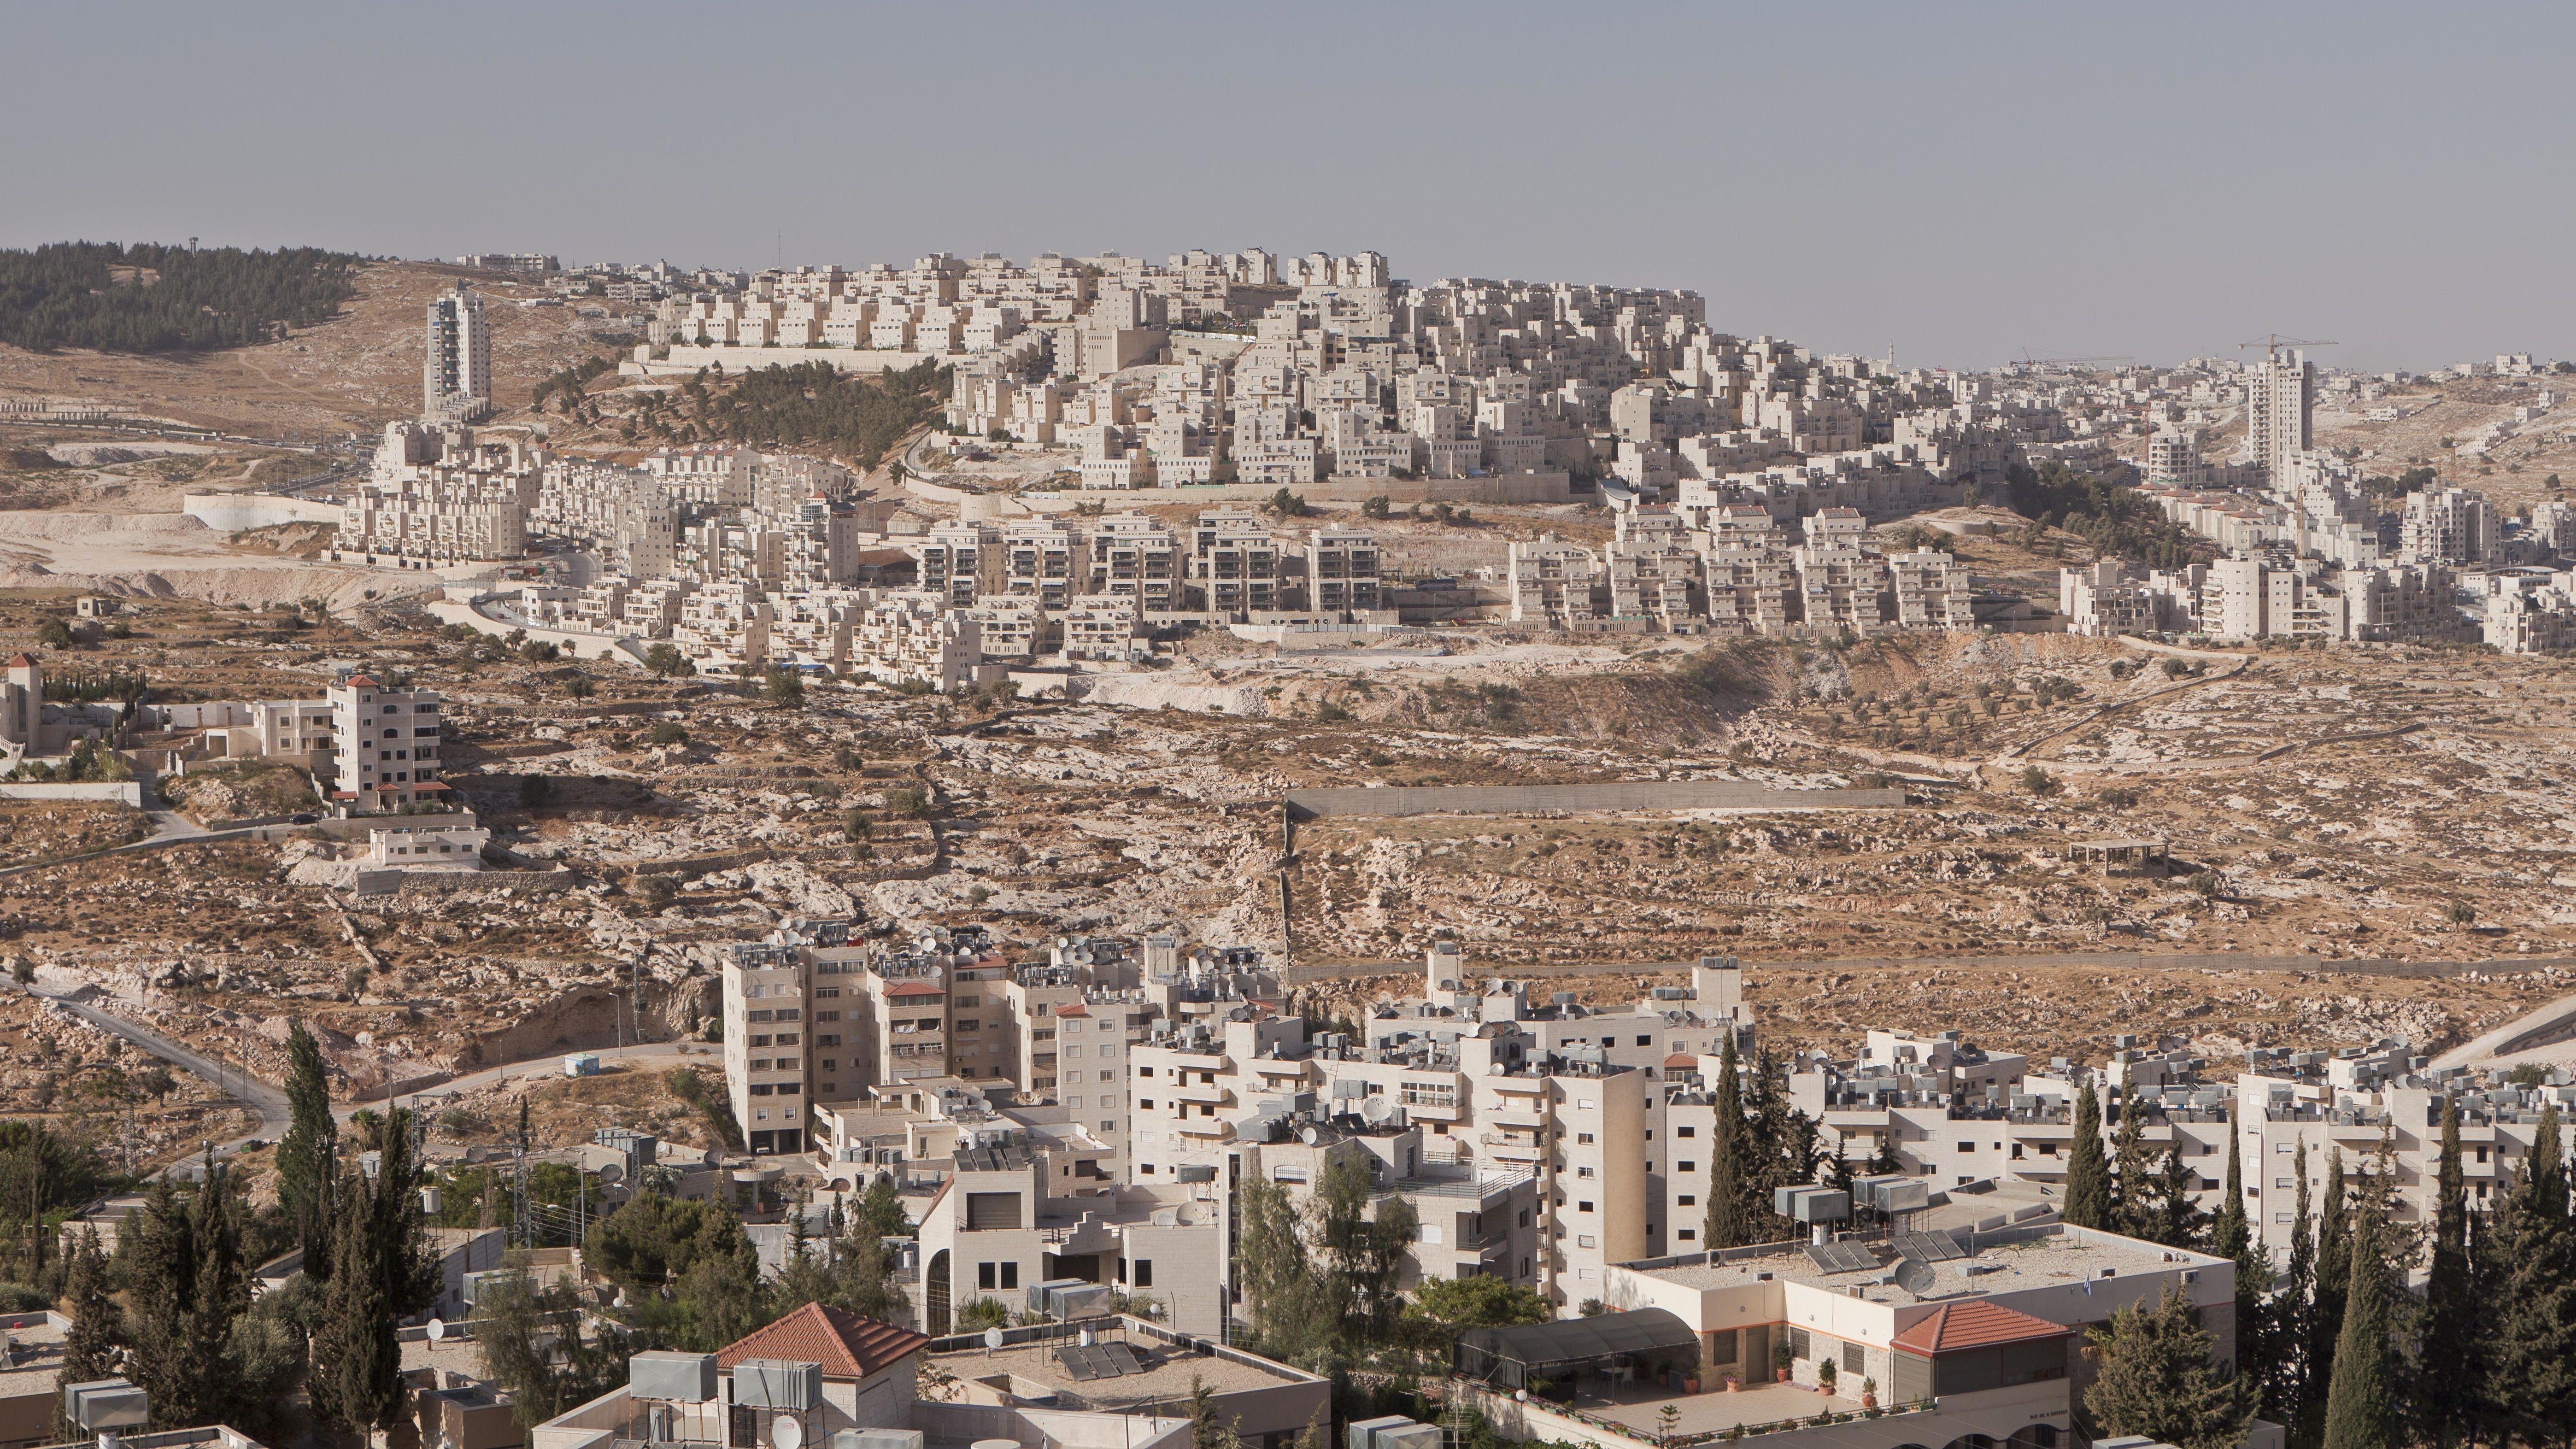 Jüdische Siedlung Har Homa auf Hügel, von Bethlehem aus gesehen, Westjordanland, Palästina